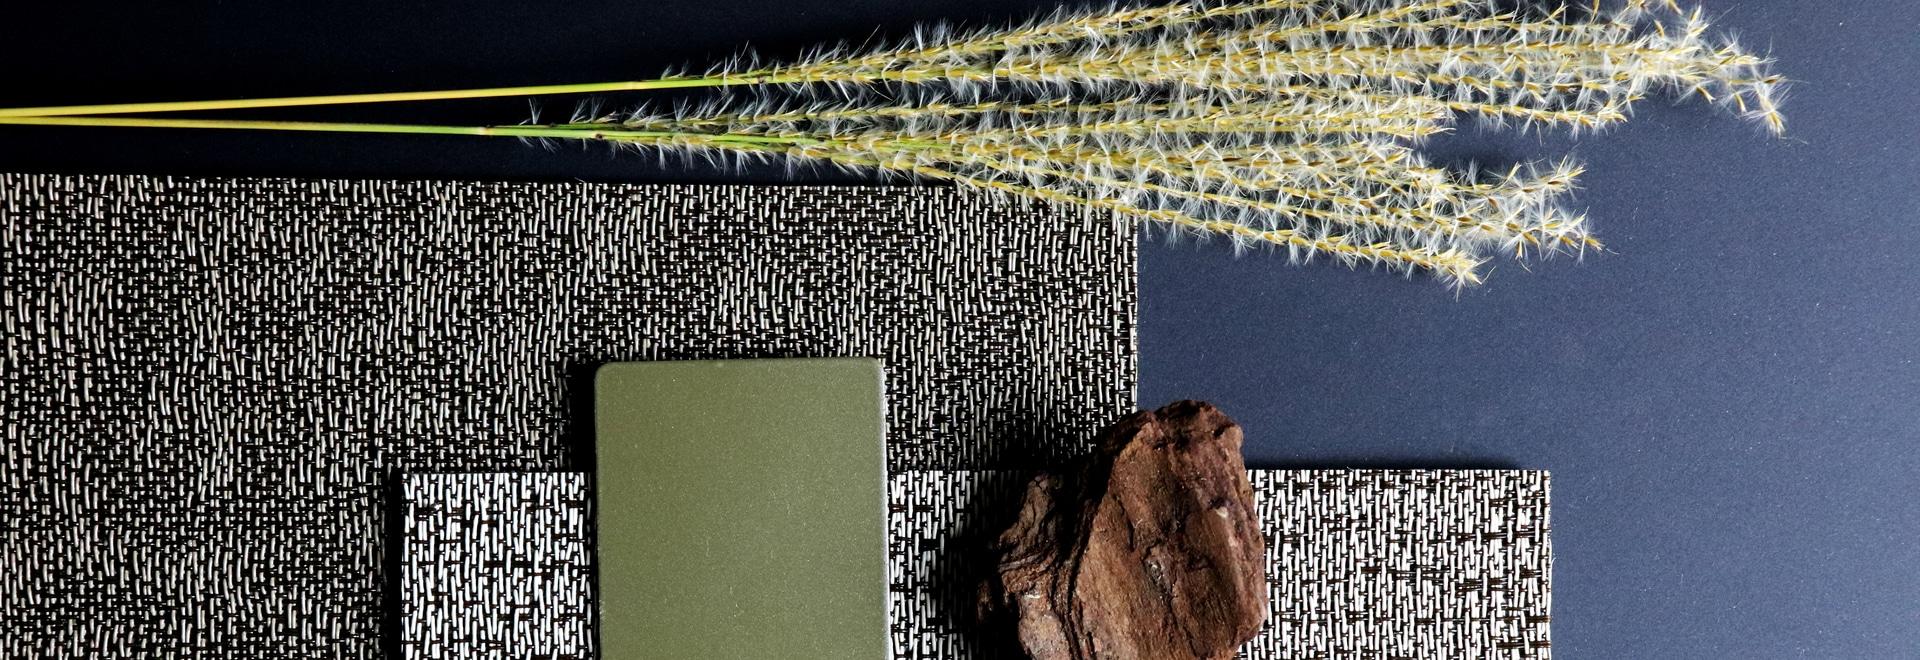 Dickson Woven Flooring: una nueva colección aún más respetuosa para con el medio ambiente